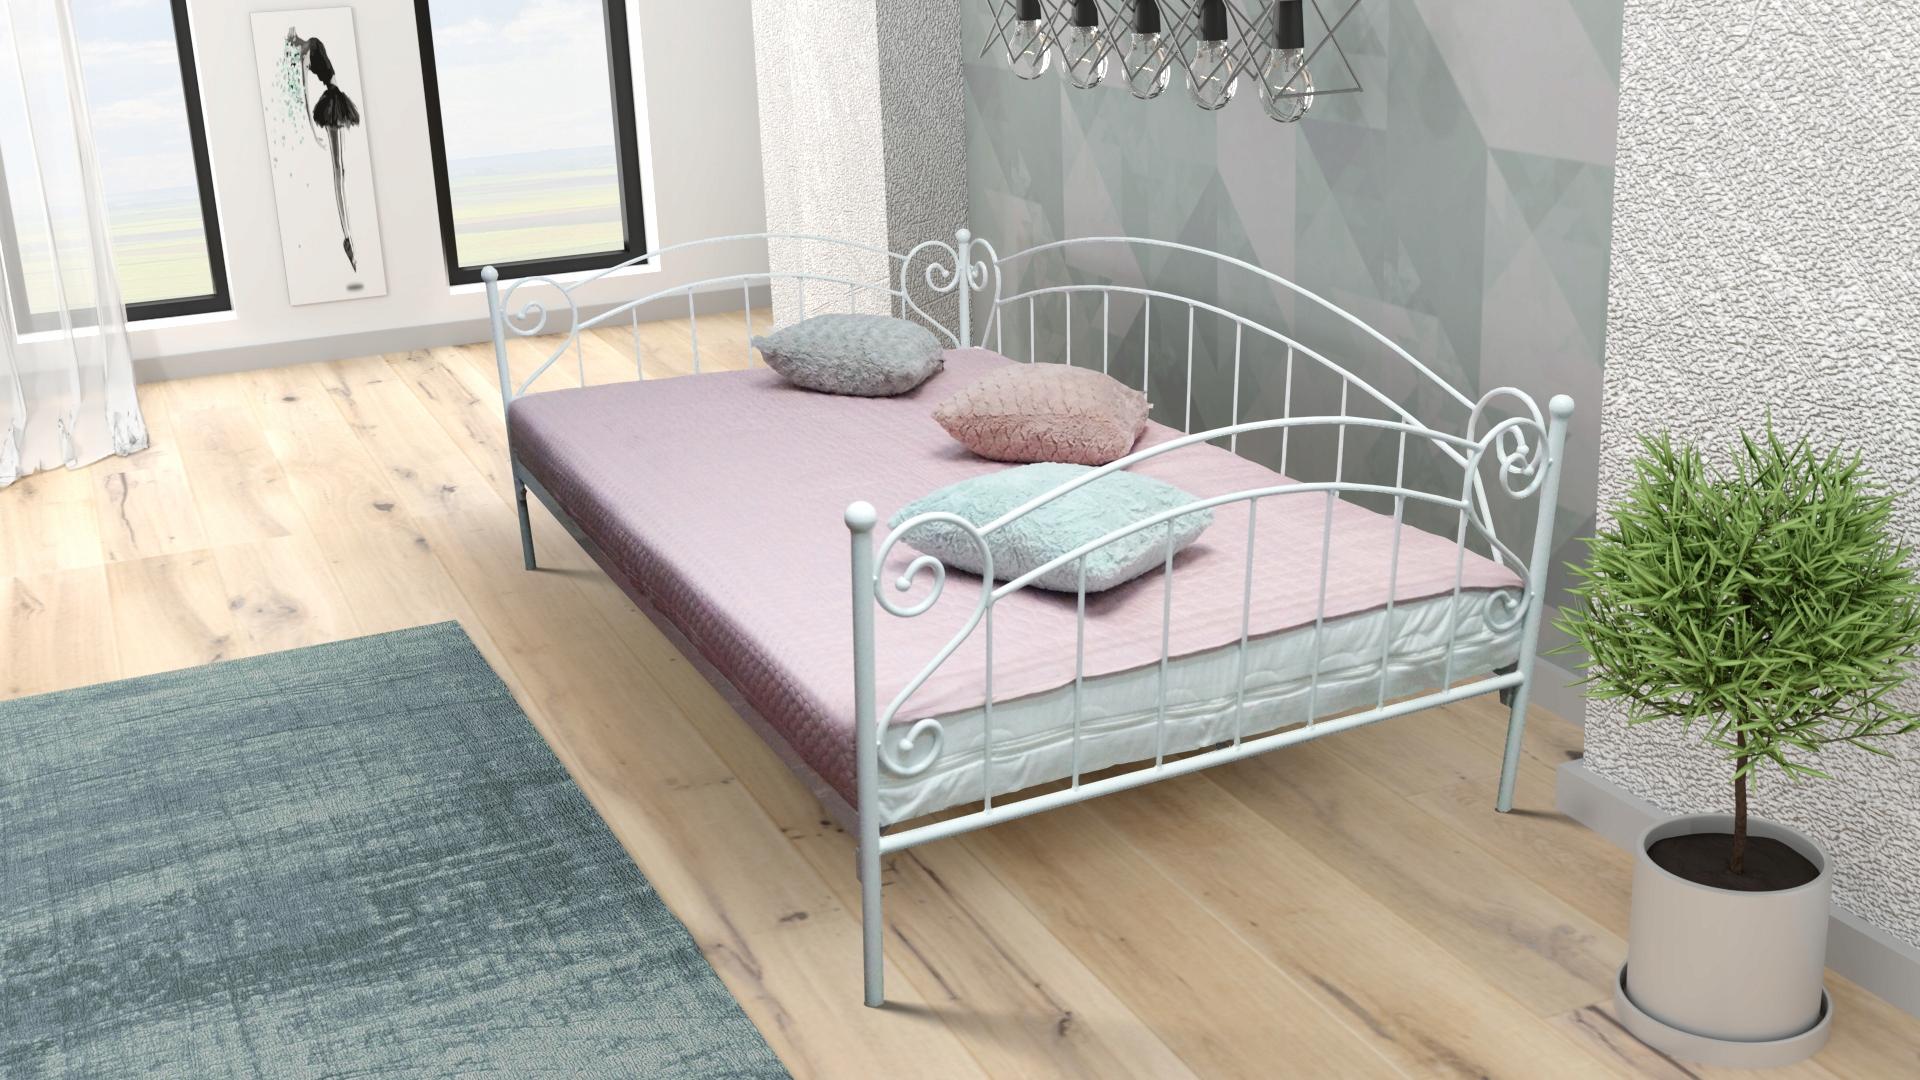 łóżko Metalowe Sofa Zofia 100x200 Kute Białe